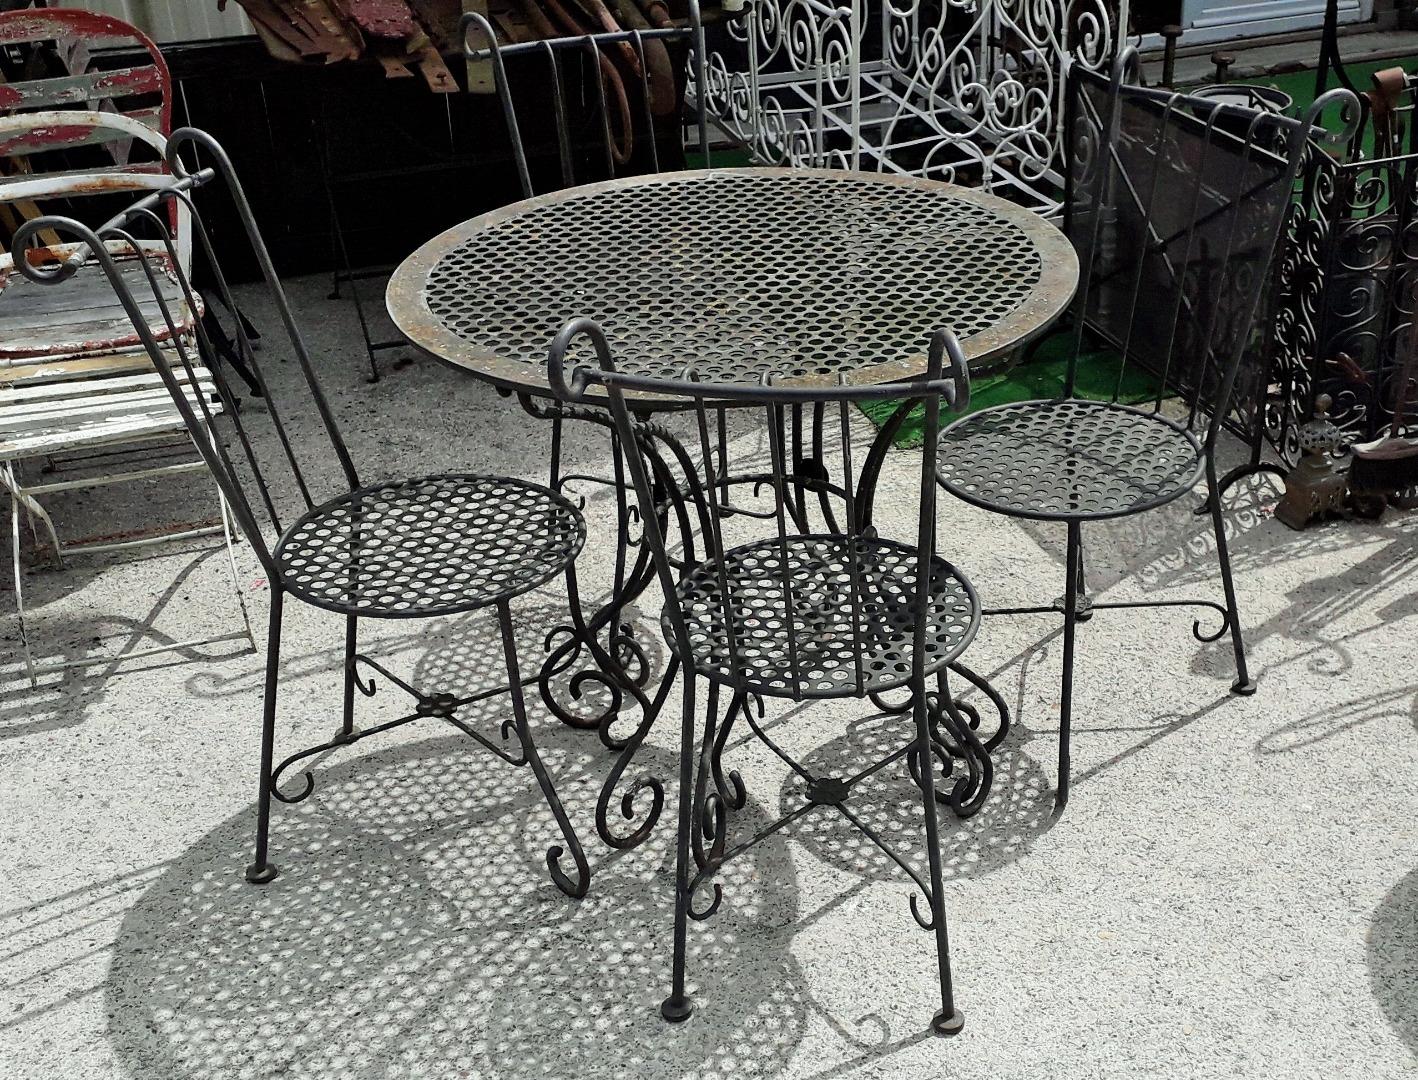 Salon De Jardin En Fer Forgé Table 4 Chaises Année 80 concernant Table Jardin Marbre Fer Forgé